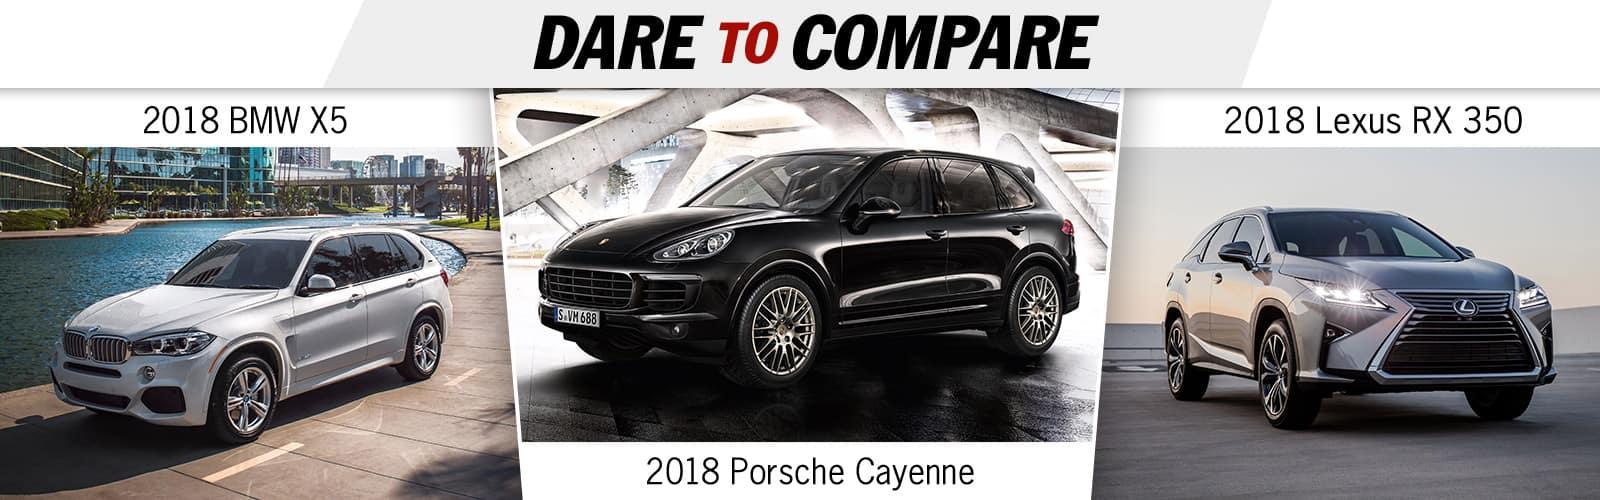 2019 Porsche Cayenne D2C | Porsche Spokane | Liberty Lake, WA